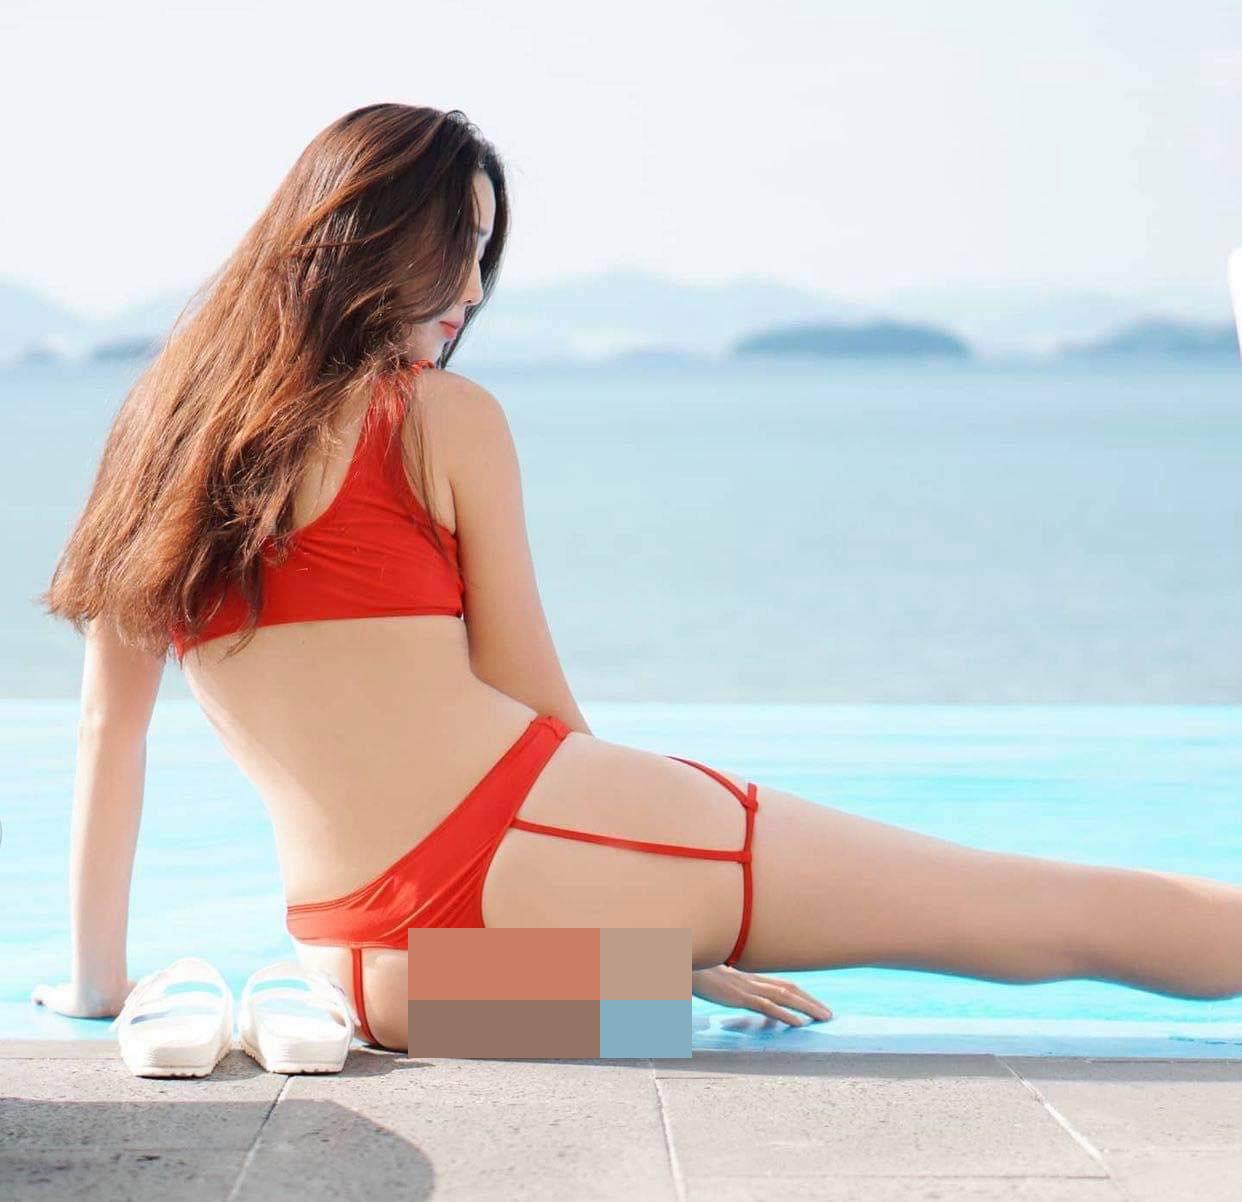 """Các chị đẹp Hàn Quốc diện """"bikini dây dợ"""" dễ gây """"gai mắt"""" vì khoe đường cong bốc lửa - hình ảnh 2"""